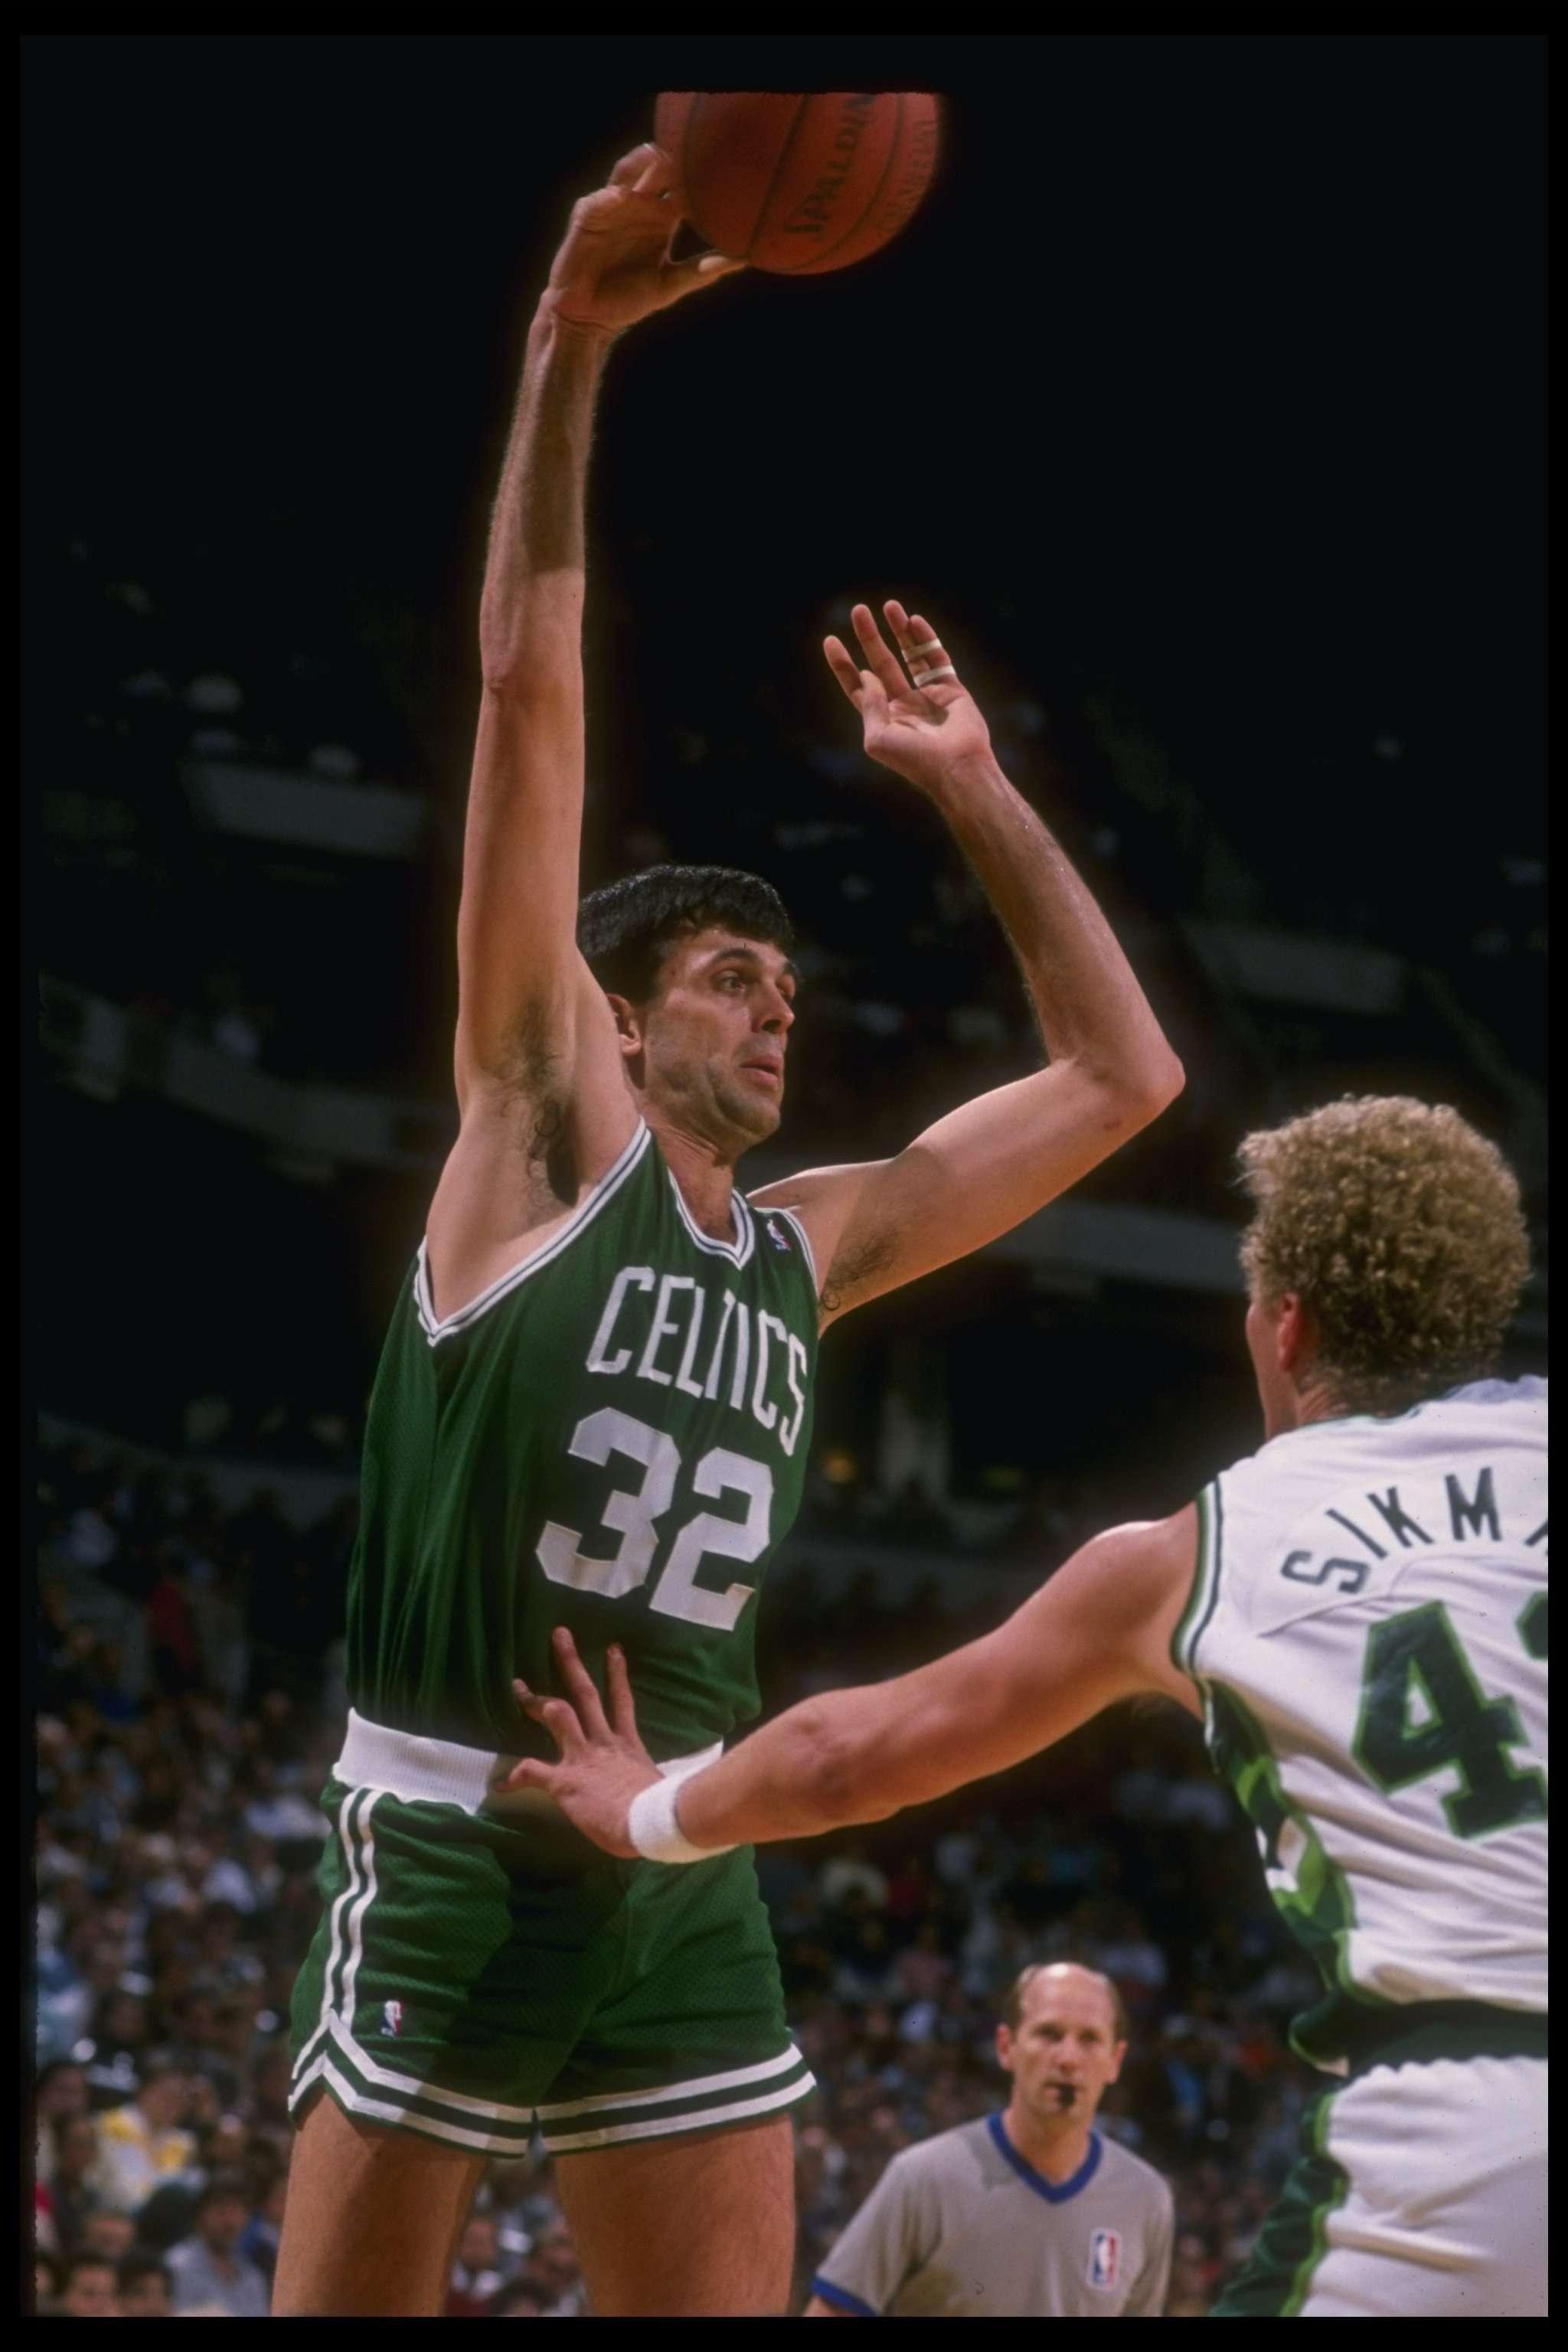 Hoy en su cumpleaños número 55, recordamos la trayectoria de una leyenda del basquetbol de la NBA: Kevin McHale. Foto: AP y Getty Images